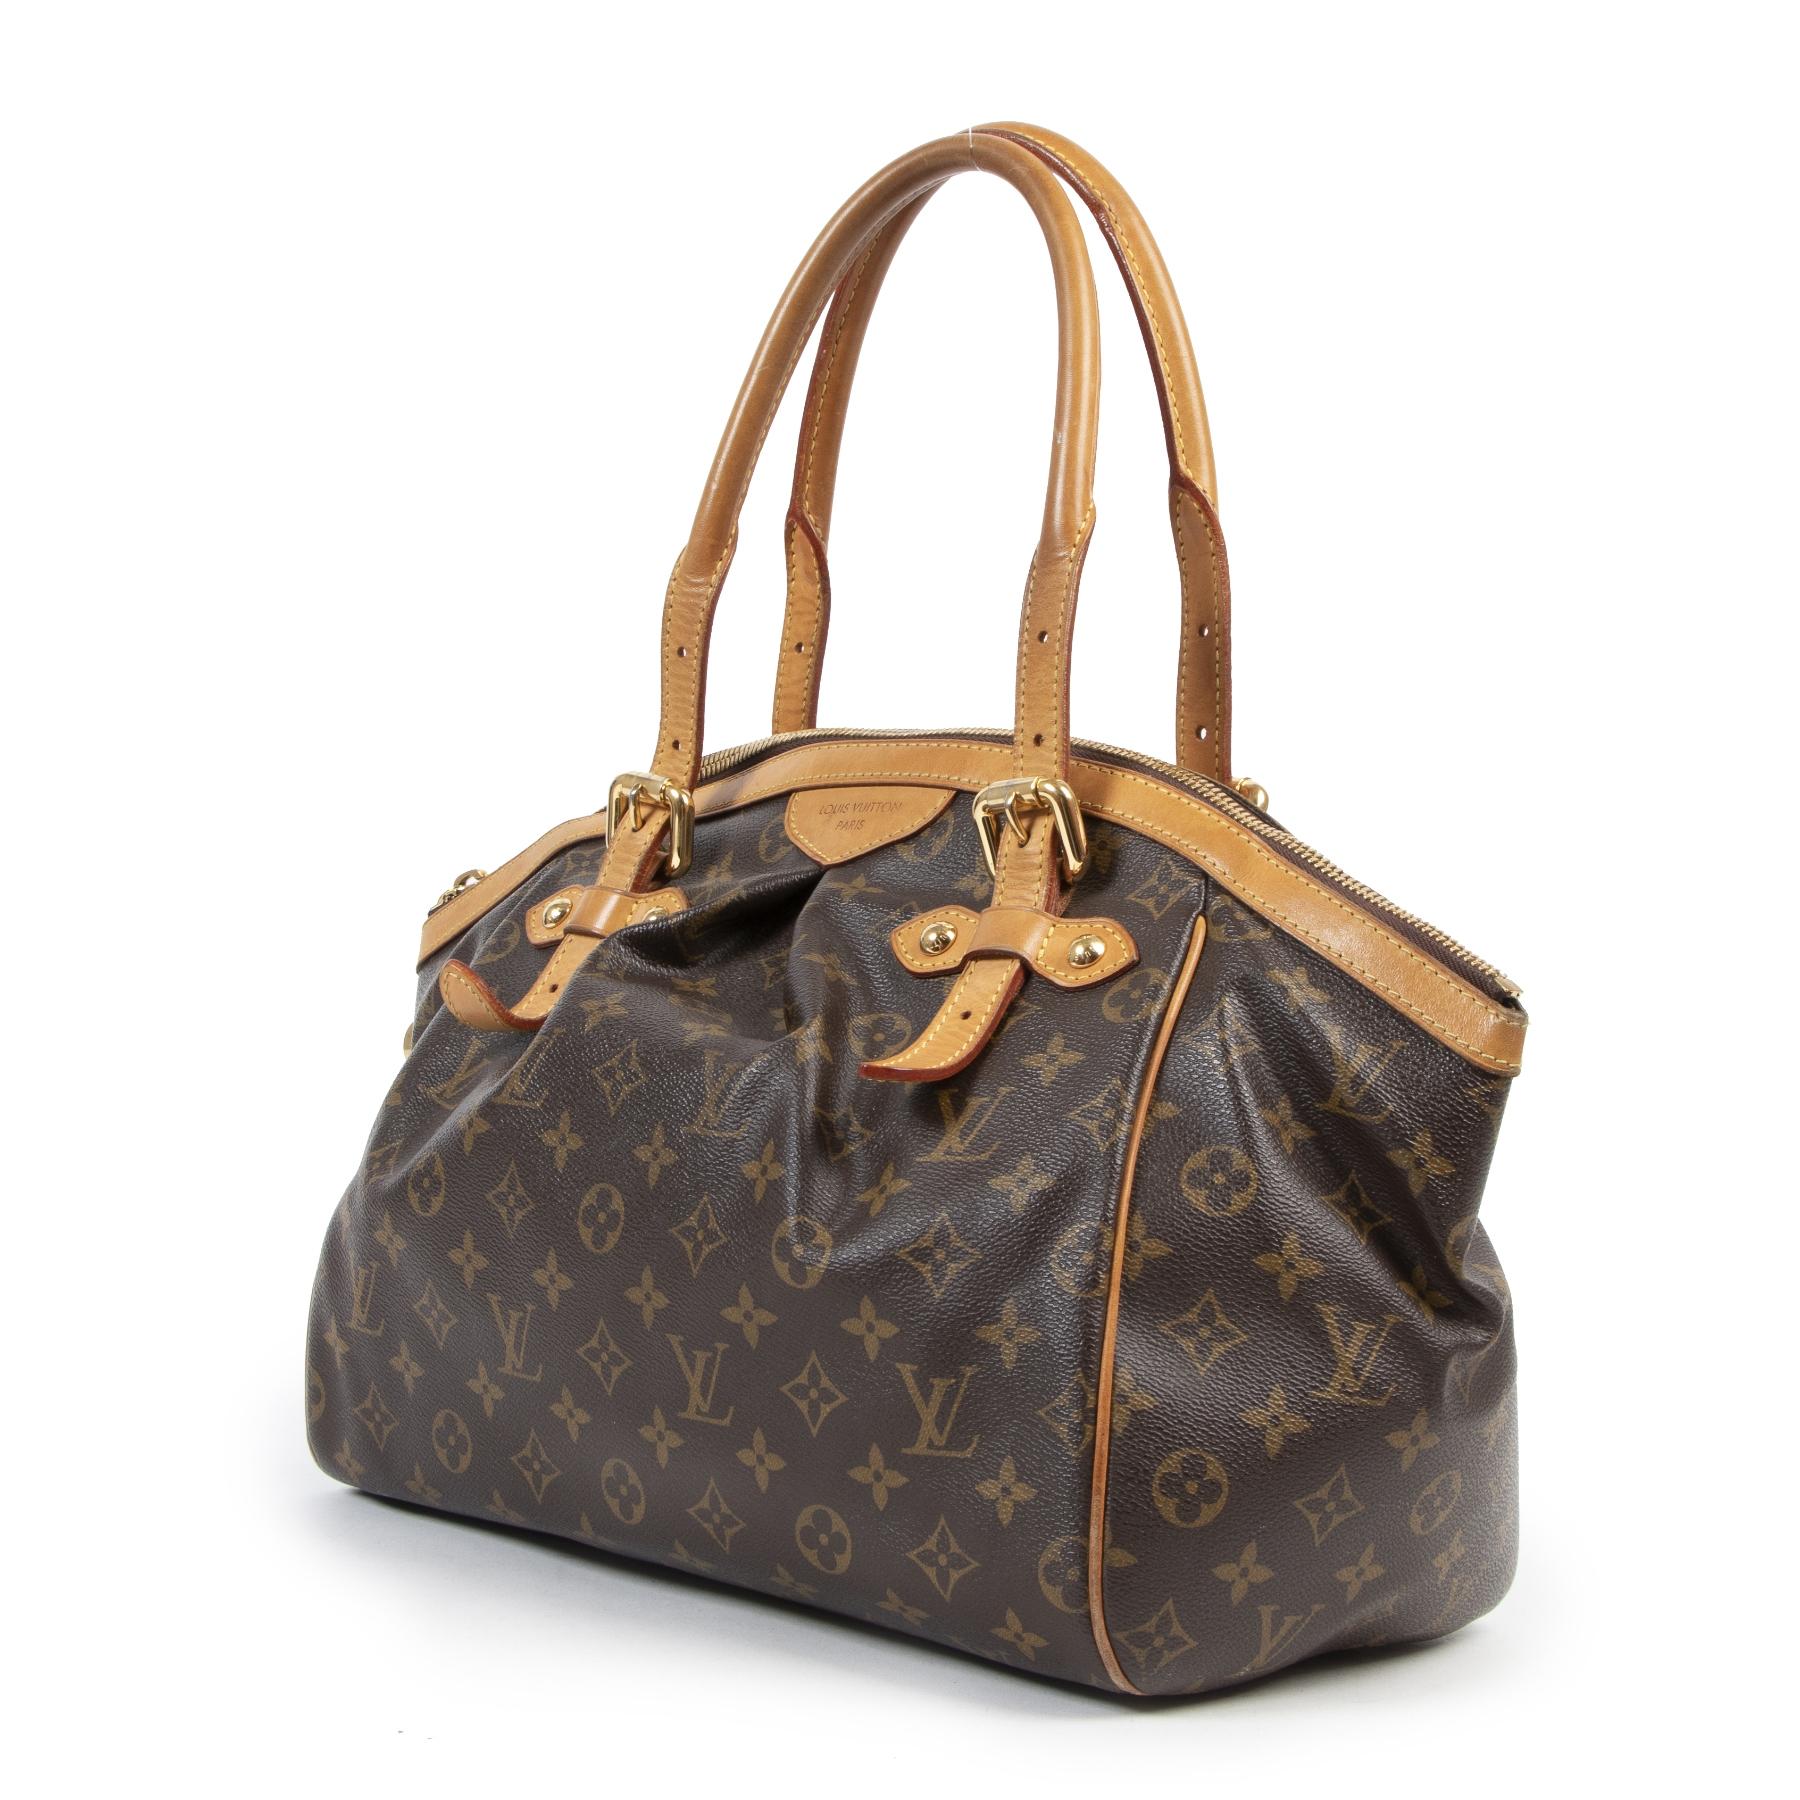 Authentieke Tweedehands Louis Vuitton Monogram Tivoli GM Bag juiste prijs veilig online shoppen luxe merken webshop winkelen Antwerpen België mode fashion